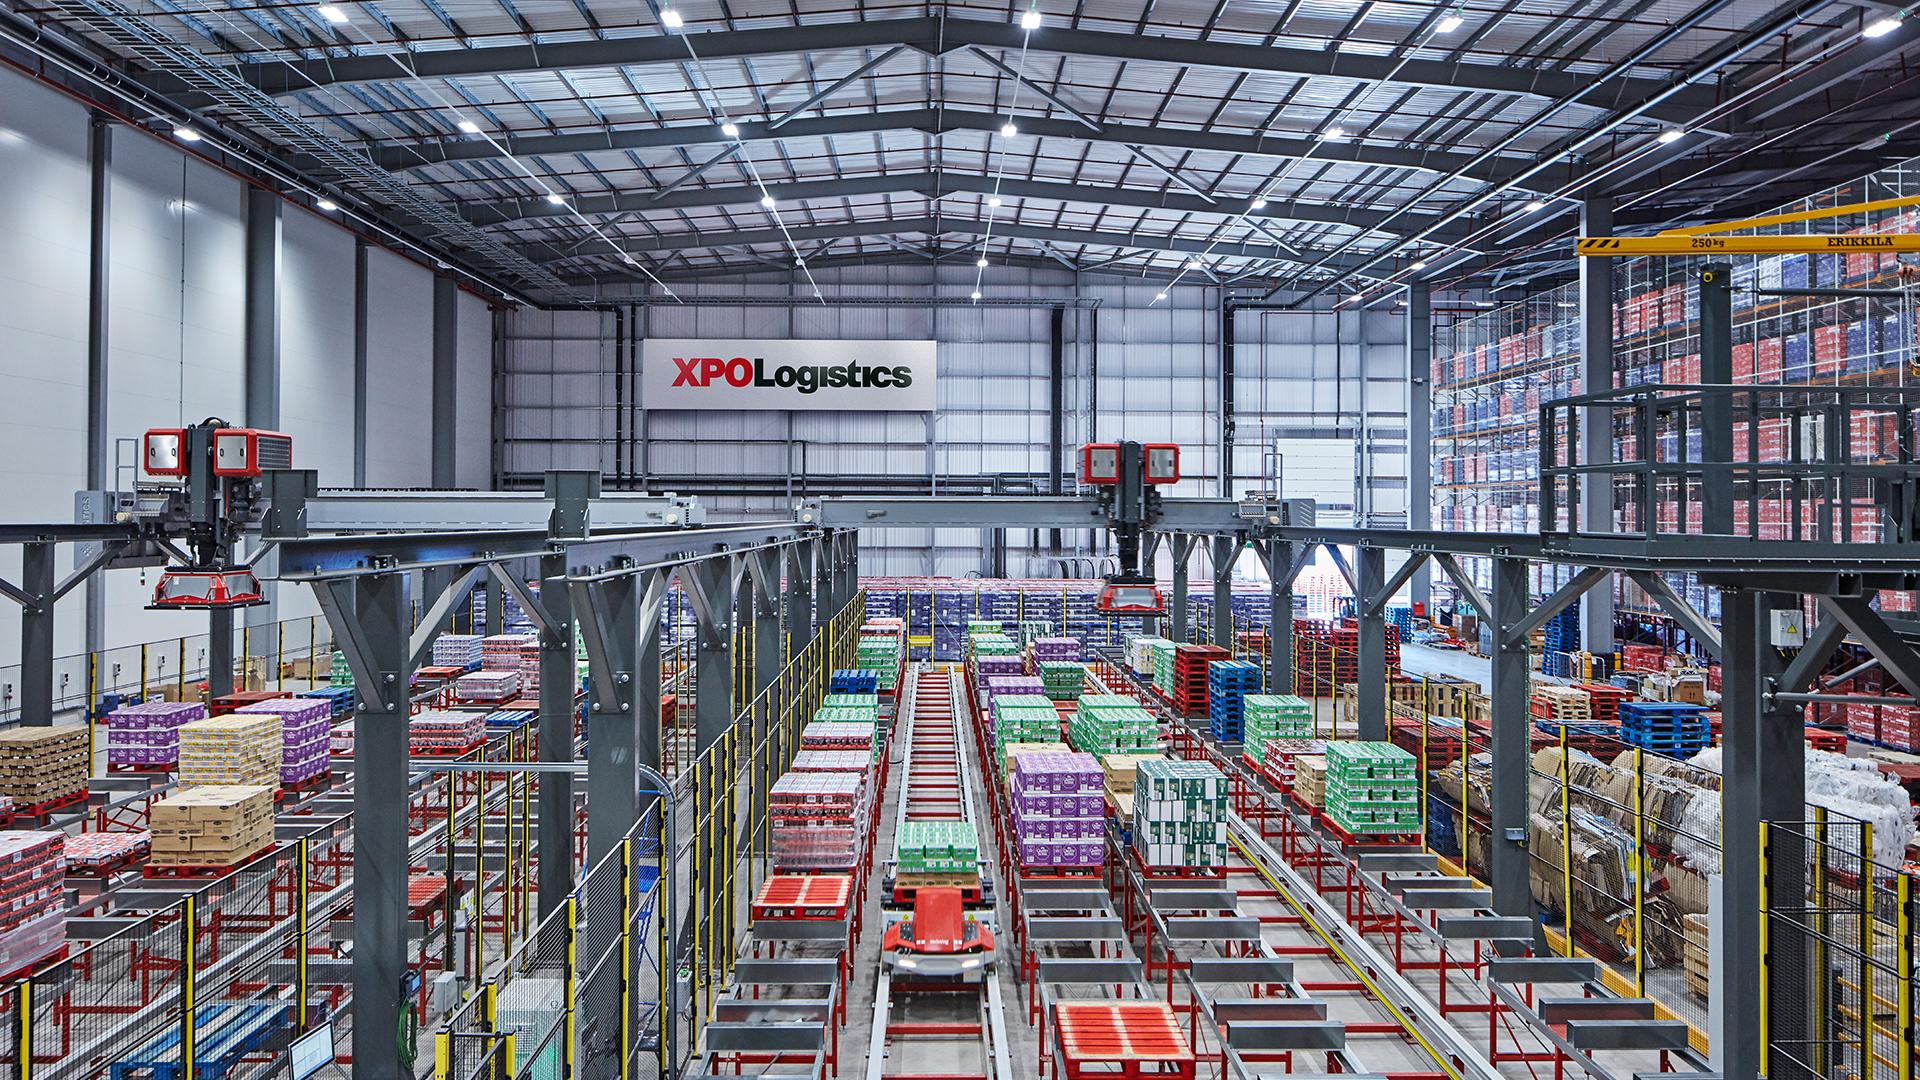 XPO Logistics i Nestlé przedstawiają brytyjski cyfrowy magazyn dystrybucyjny przyszłości